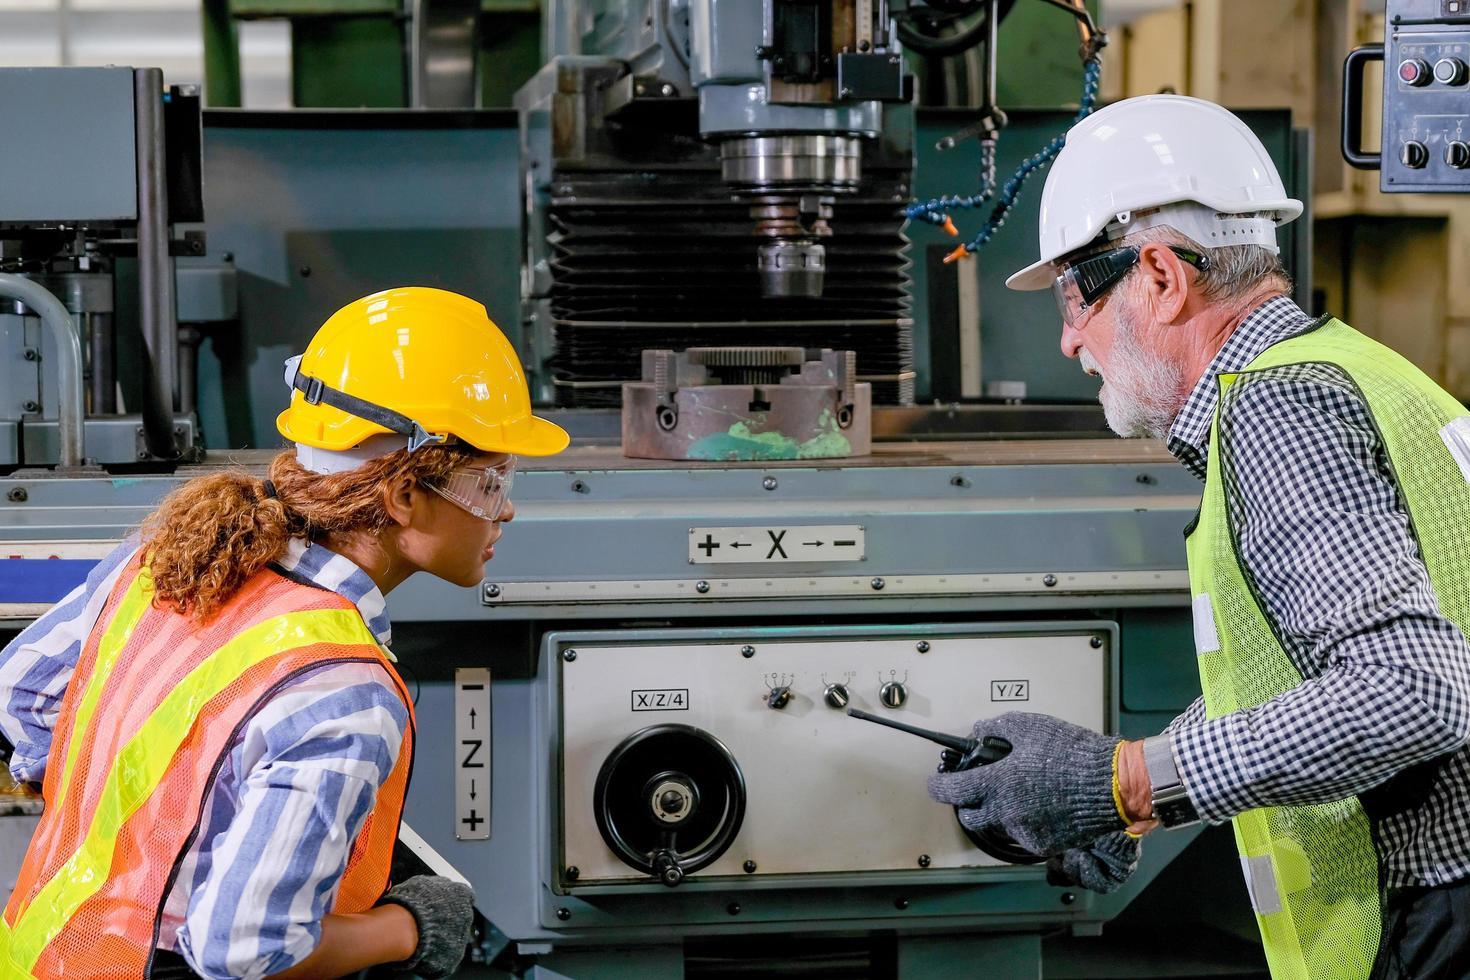 twee technici werken samen om het probleem in de fabriek op te lossen foto